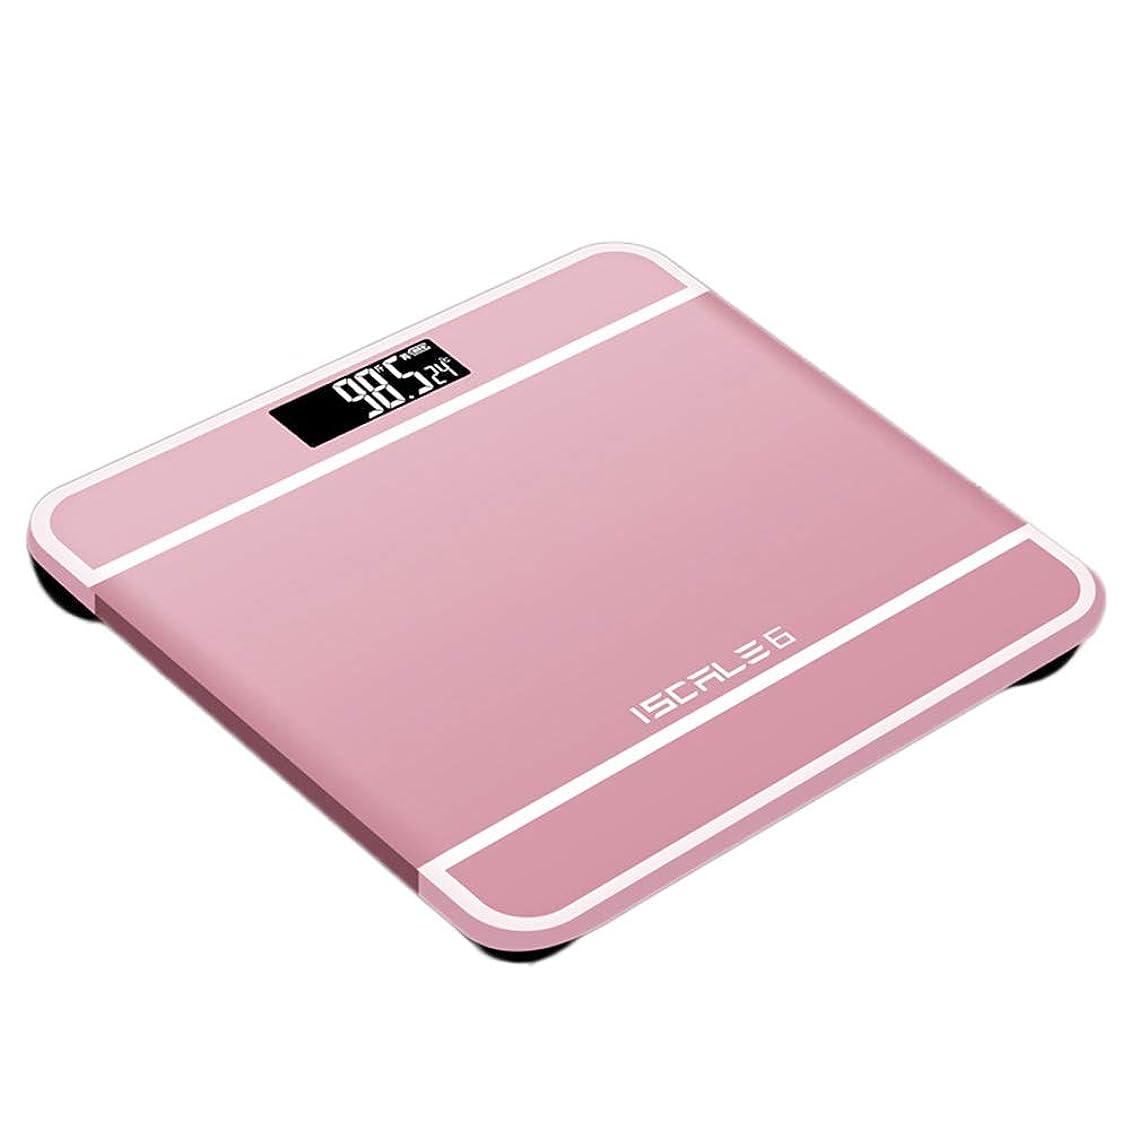 ベッド押し下げる明示的にDigitalバスルームには体重をスケール、 LCDディスプレイガラスの精密電子スケール、 ポータブル電子スケールアンチロールオーバーボディ、 バスルーム/リビングルーム/寝室に適しています